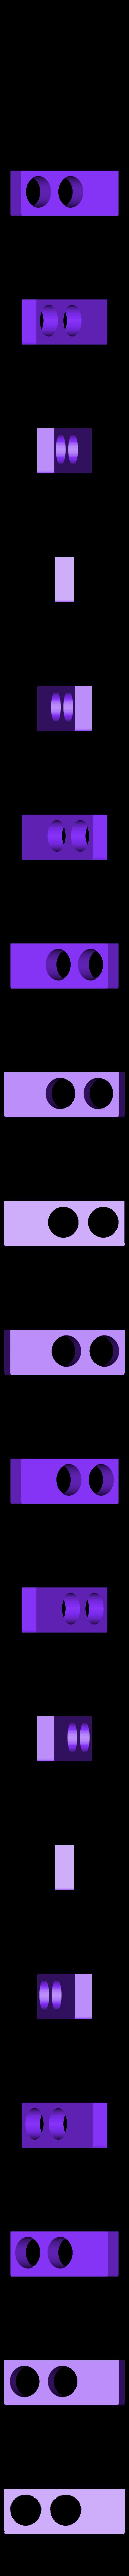 taillight pattern.stl Télécharger fichier STL gratuit 1991 Mazda 787B 3d Voiture RC imprimée de 1991 • Objet à imprimer en 3D, brett